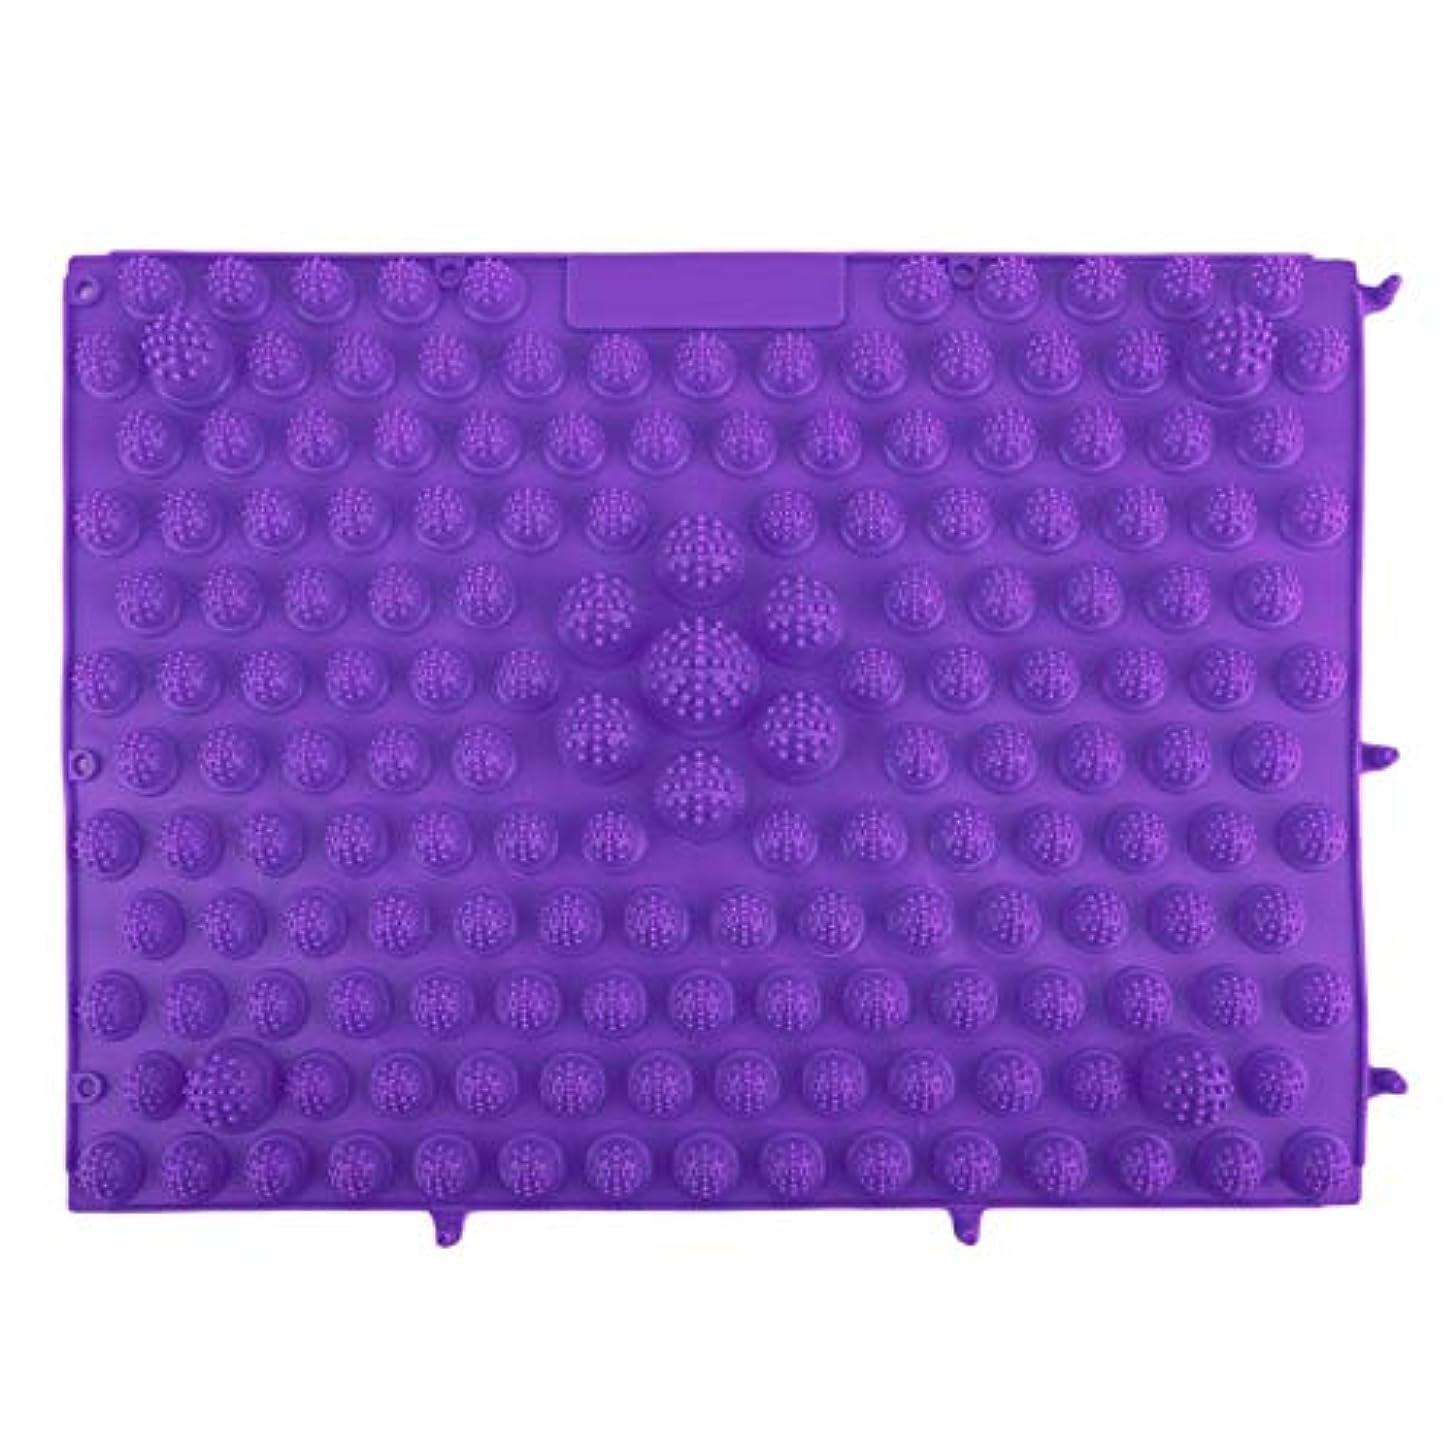 明快に賛成地域の韓国風フットマッサージパッドTPEモダン指圧リフレクソロジーマット鍼灸敷物疲労緩和促進循環 - 紫色